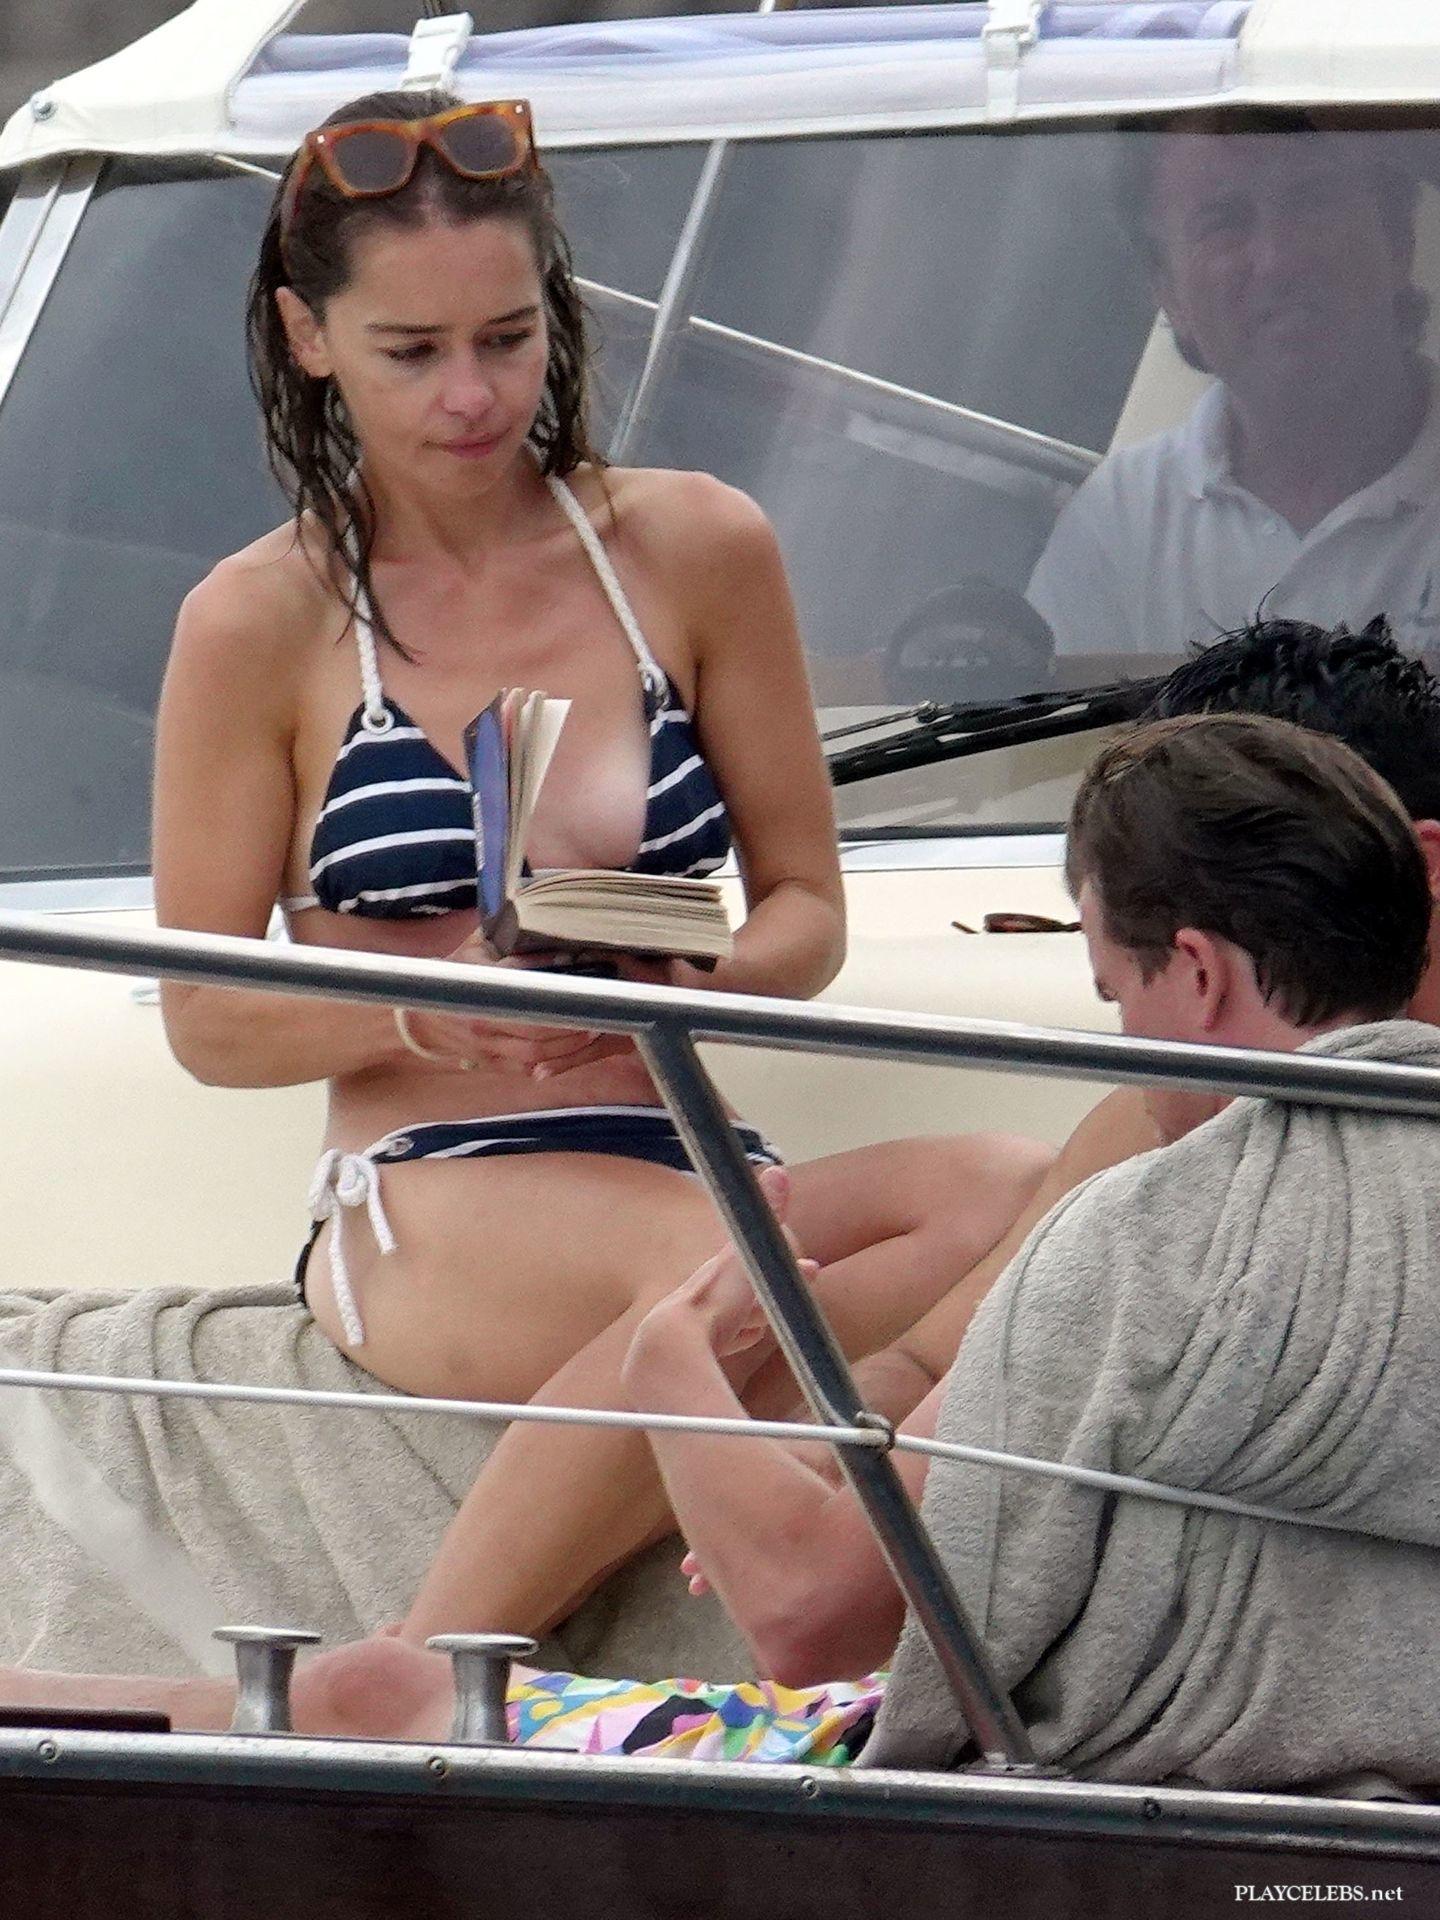 Emilia Clarke Paparazzi Skinny Body Bikini Photos ...